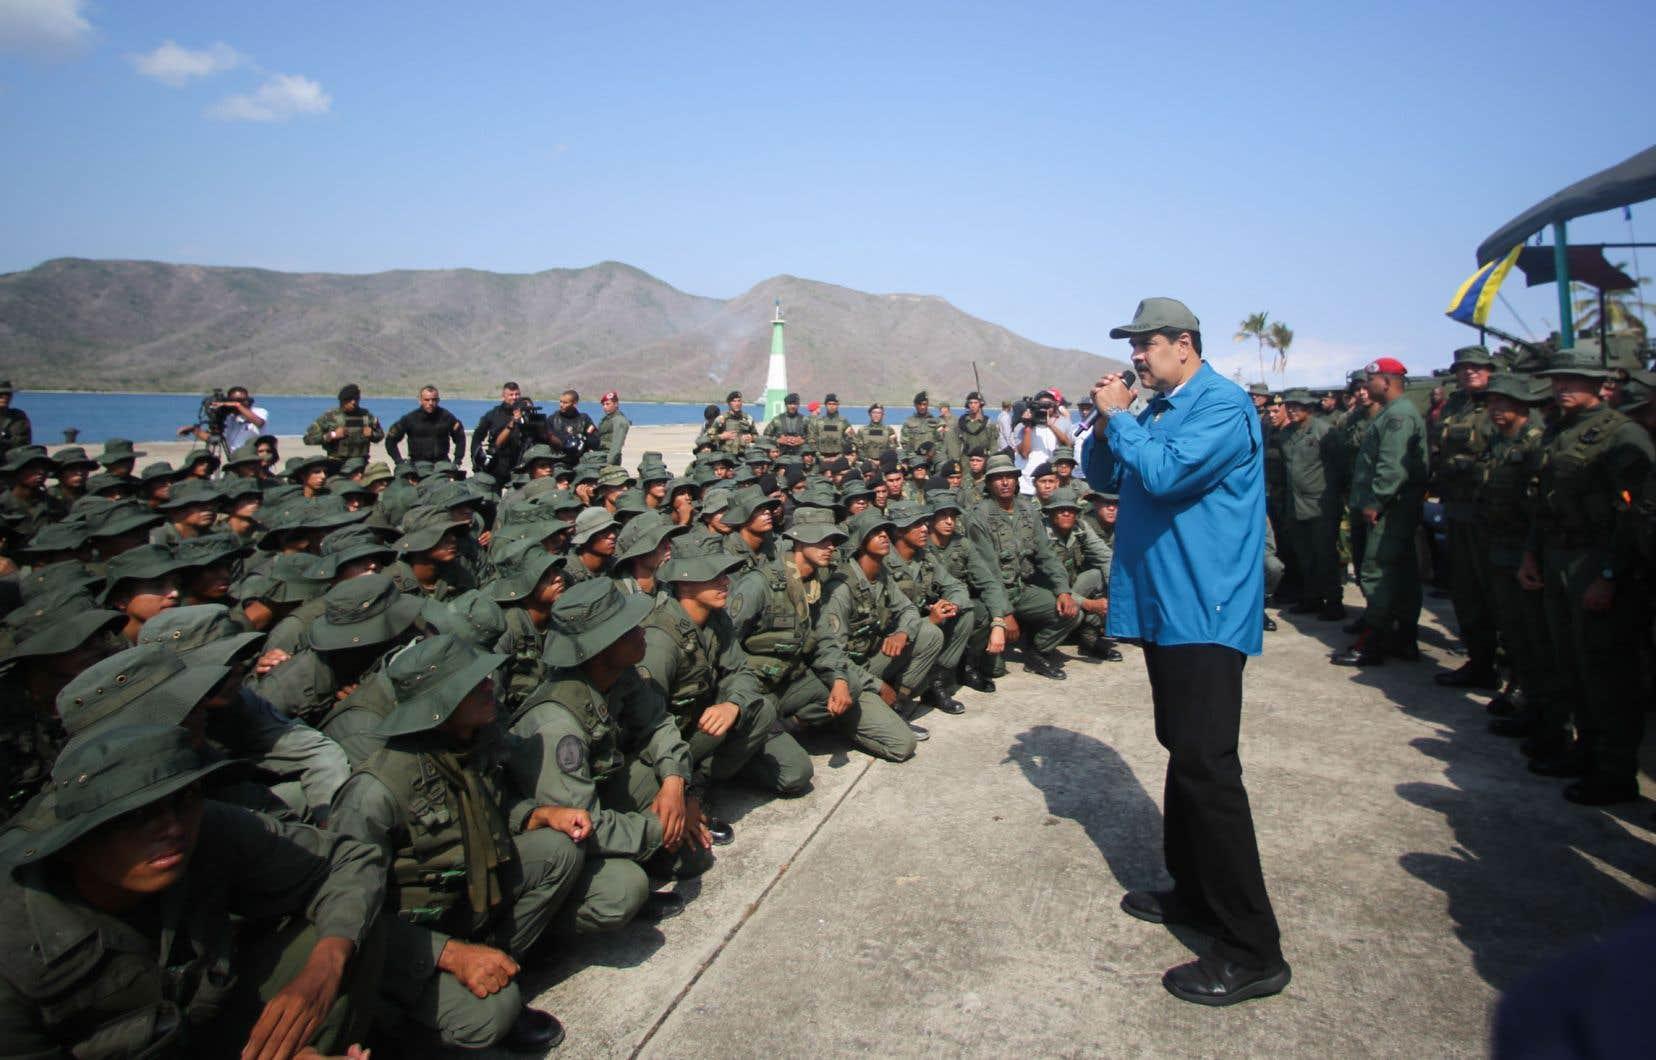 Le président Nicolás Maduro a livré un discours dimanche aux troupes de la base navale de Turiamo, dans l'État d'Aragua.